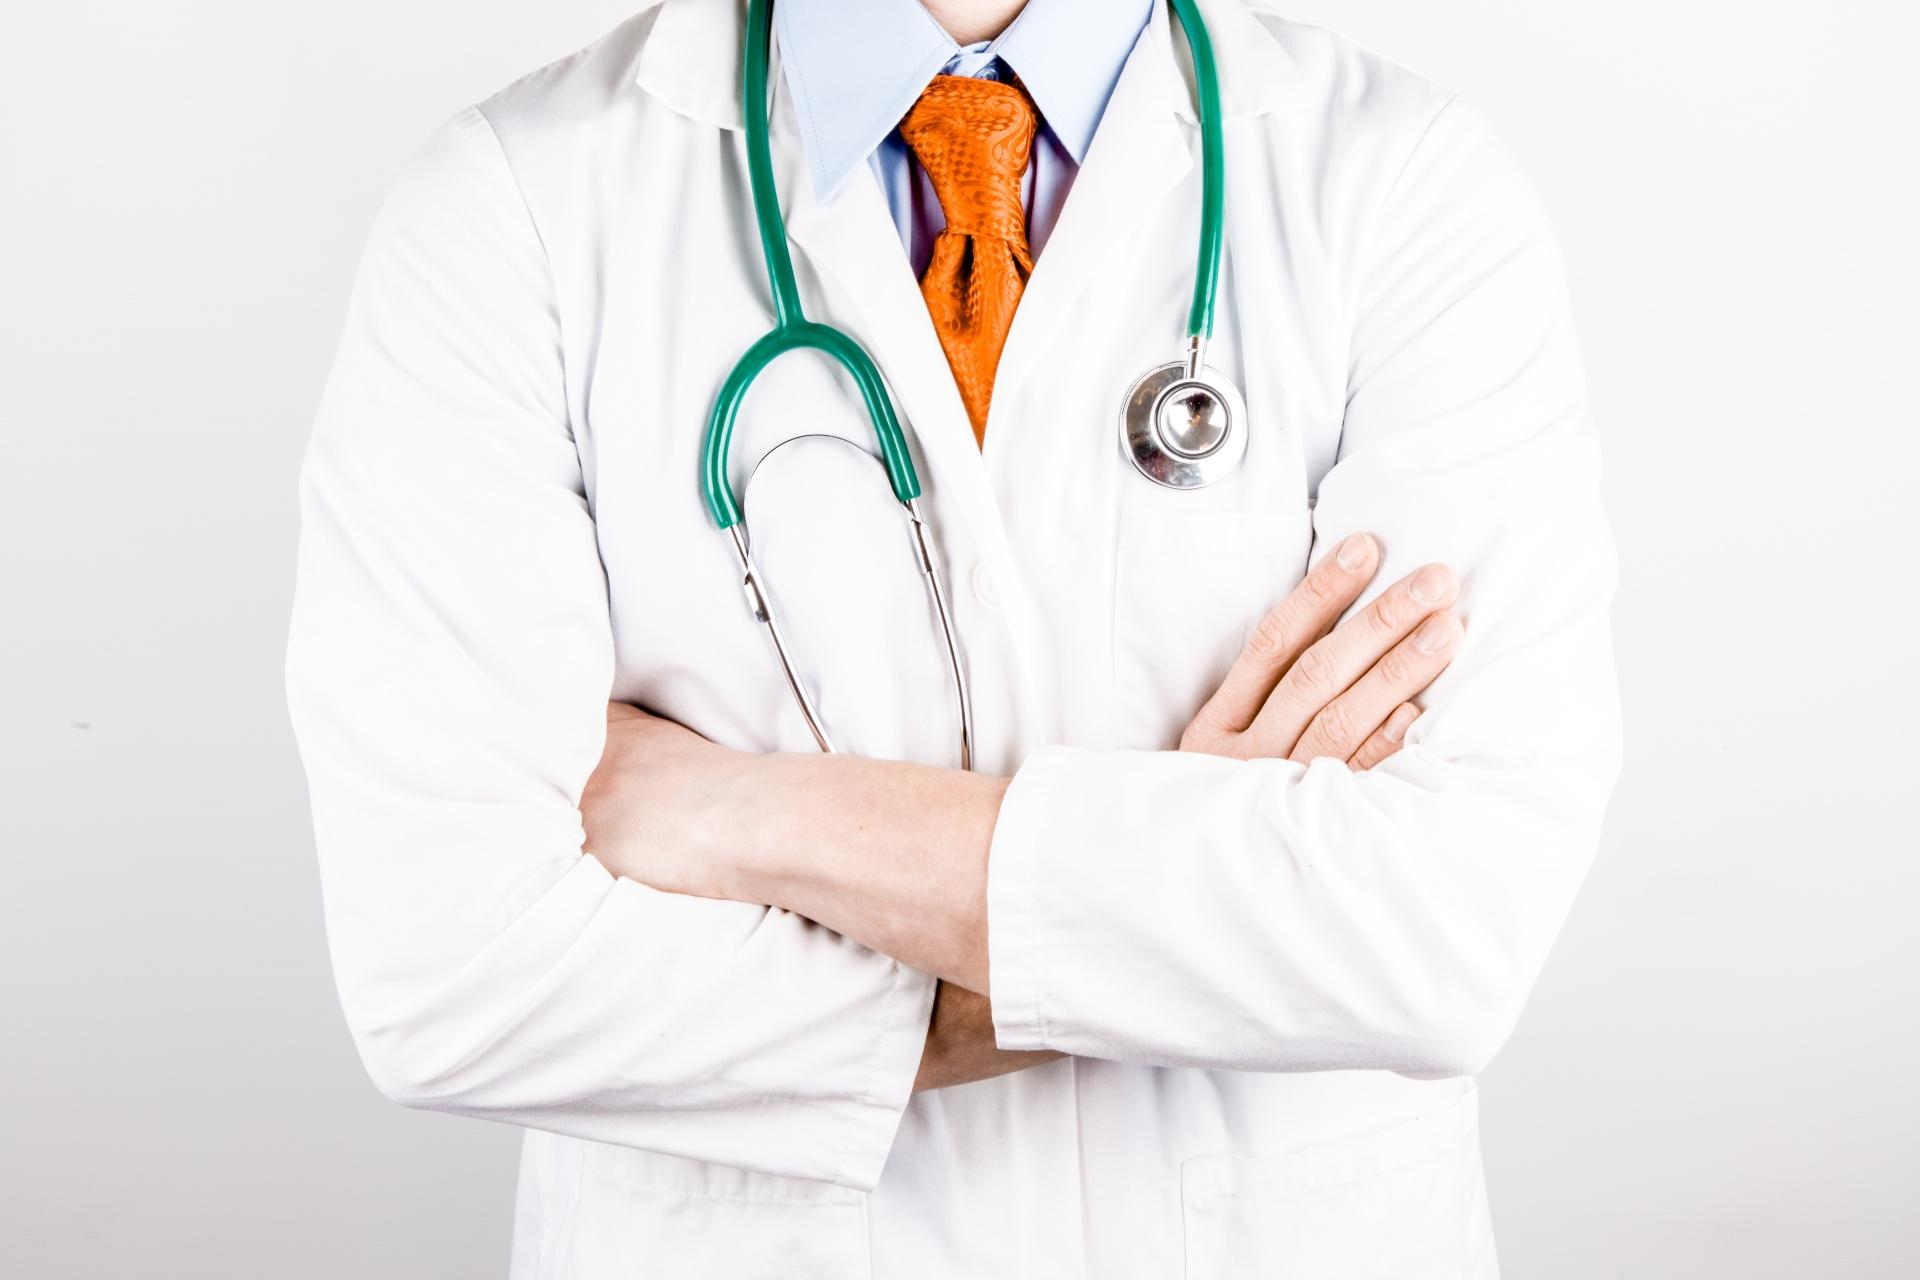 medecin-refu-euthanasie-1.jpg